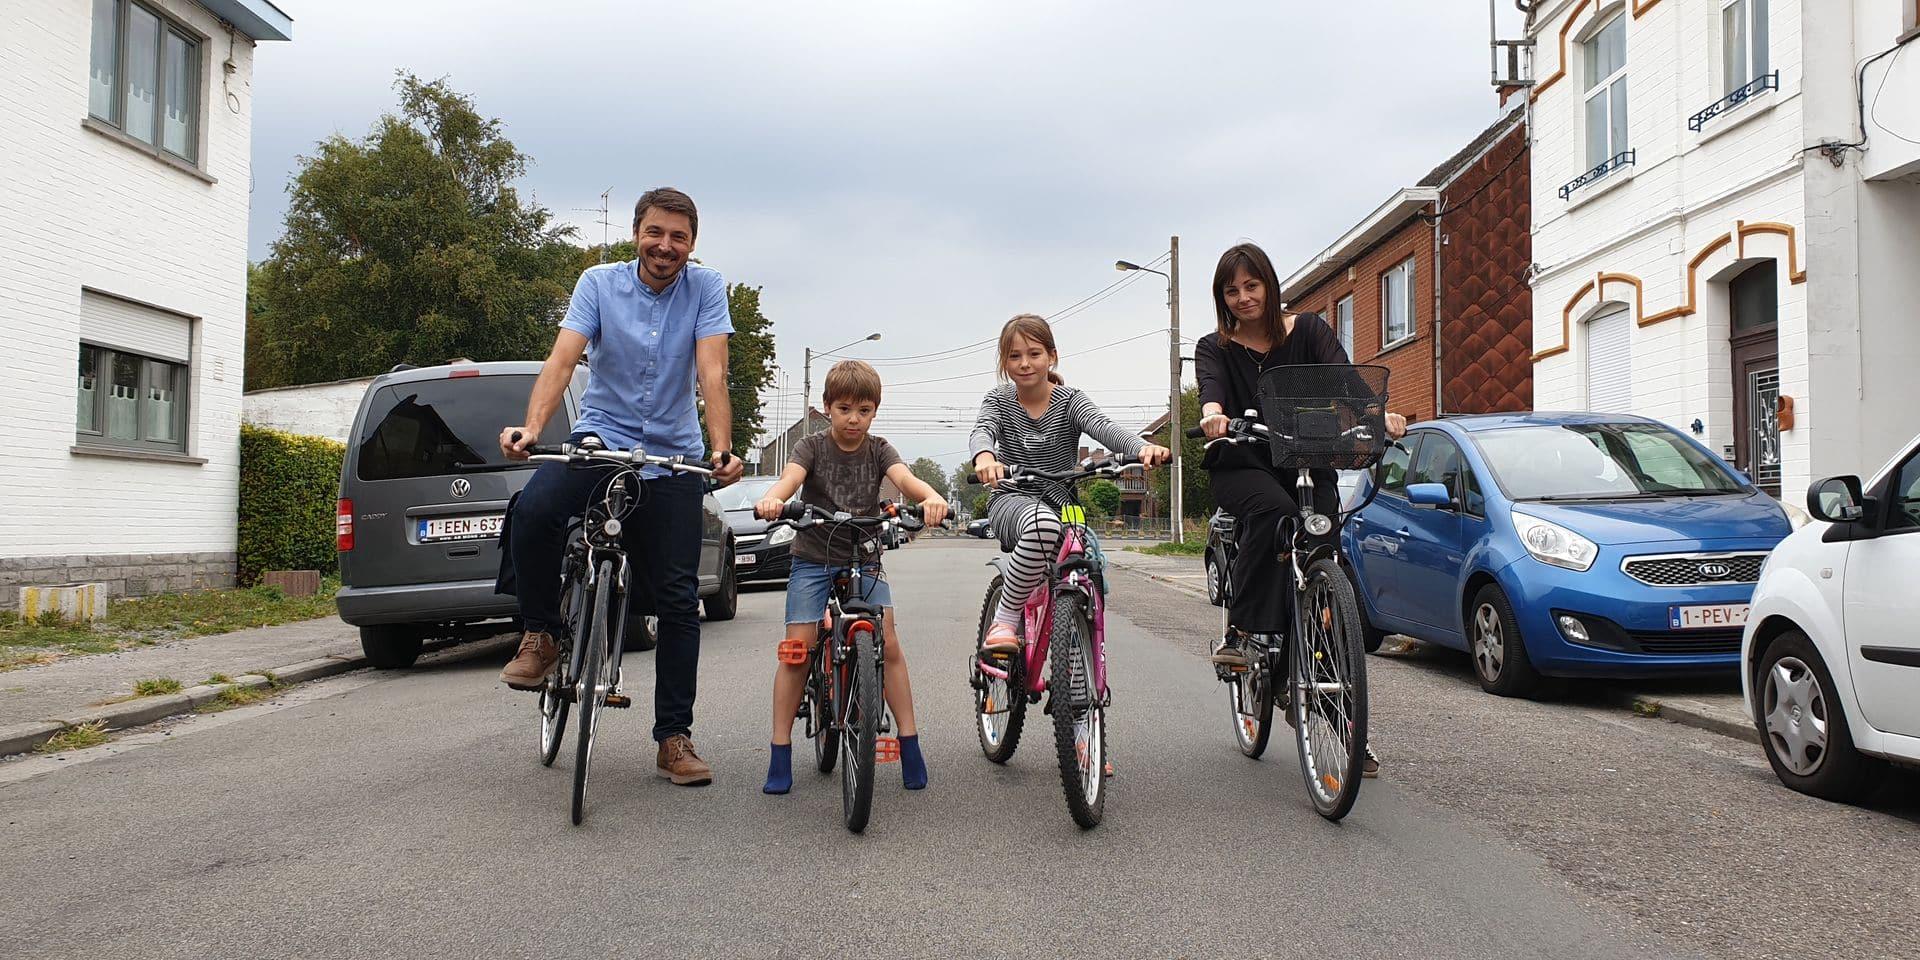 Mons: Trois familles relèvent le défi de la semaine sans voiture